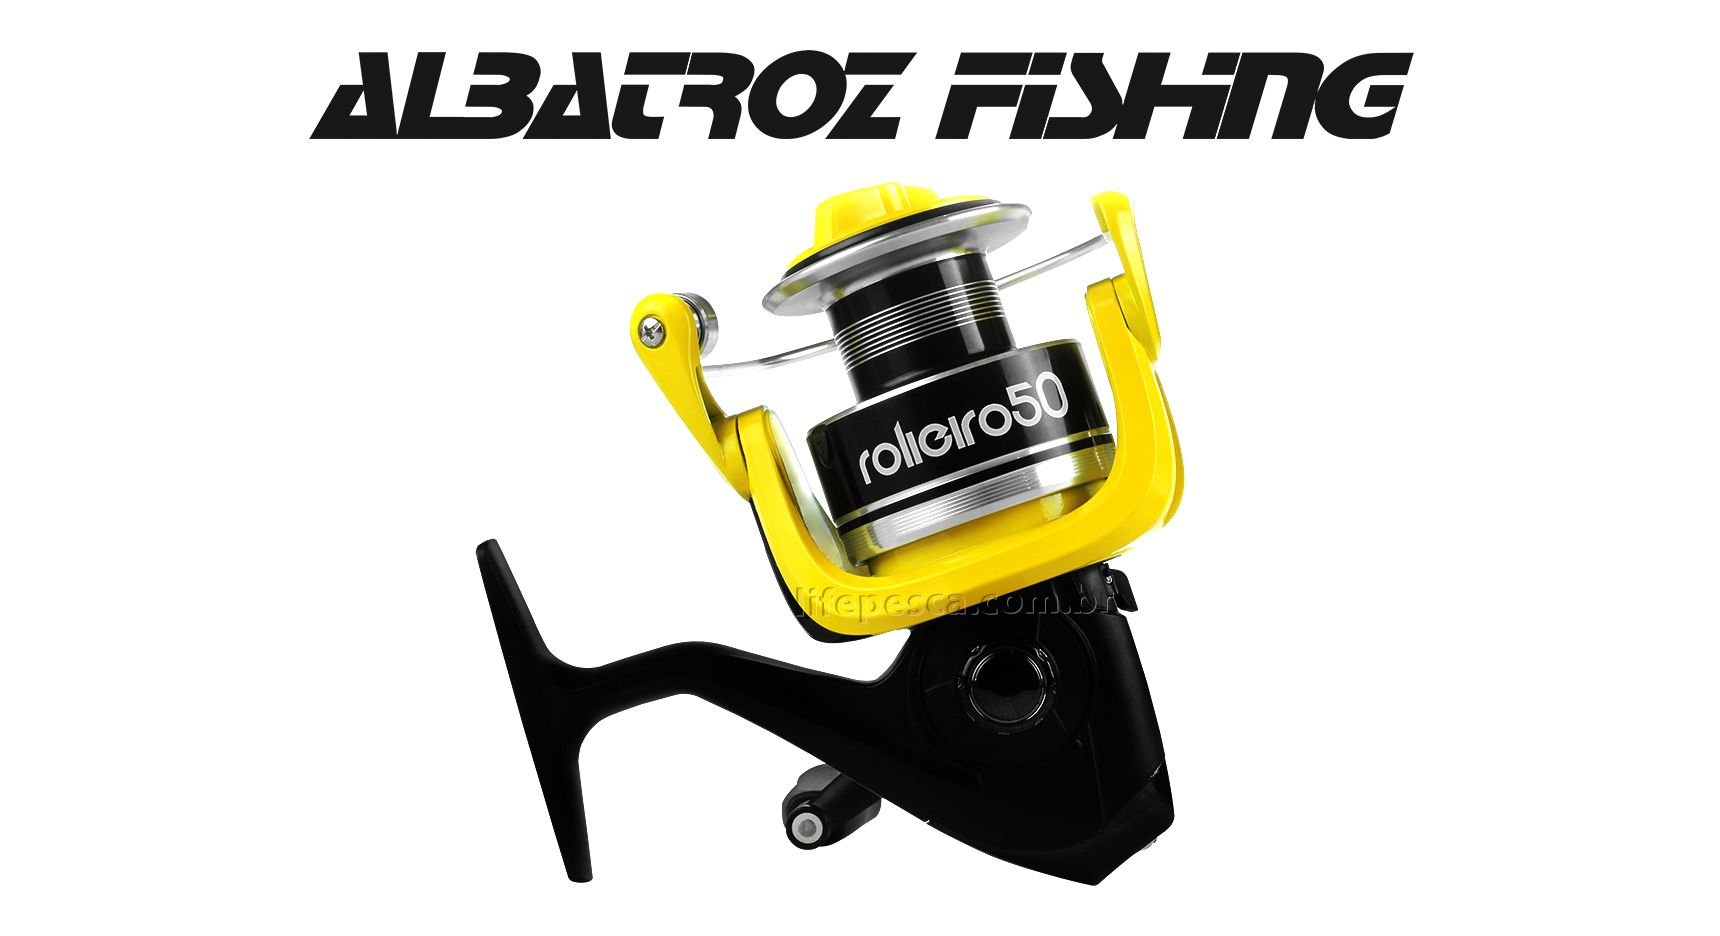 Molinete Albatroz Fishing New Rolieiro 30 - 4 Rolamentos